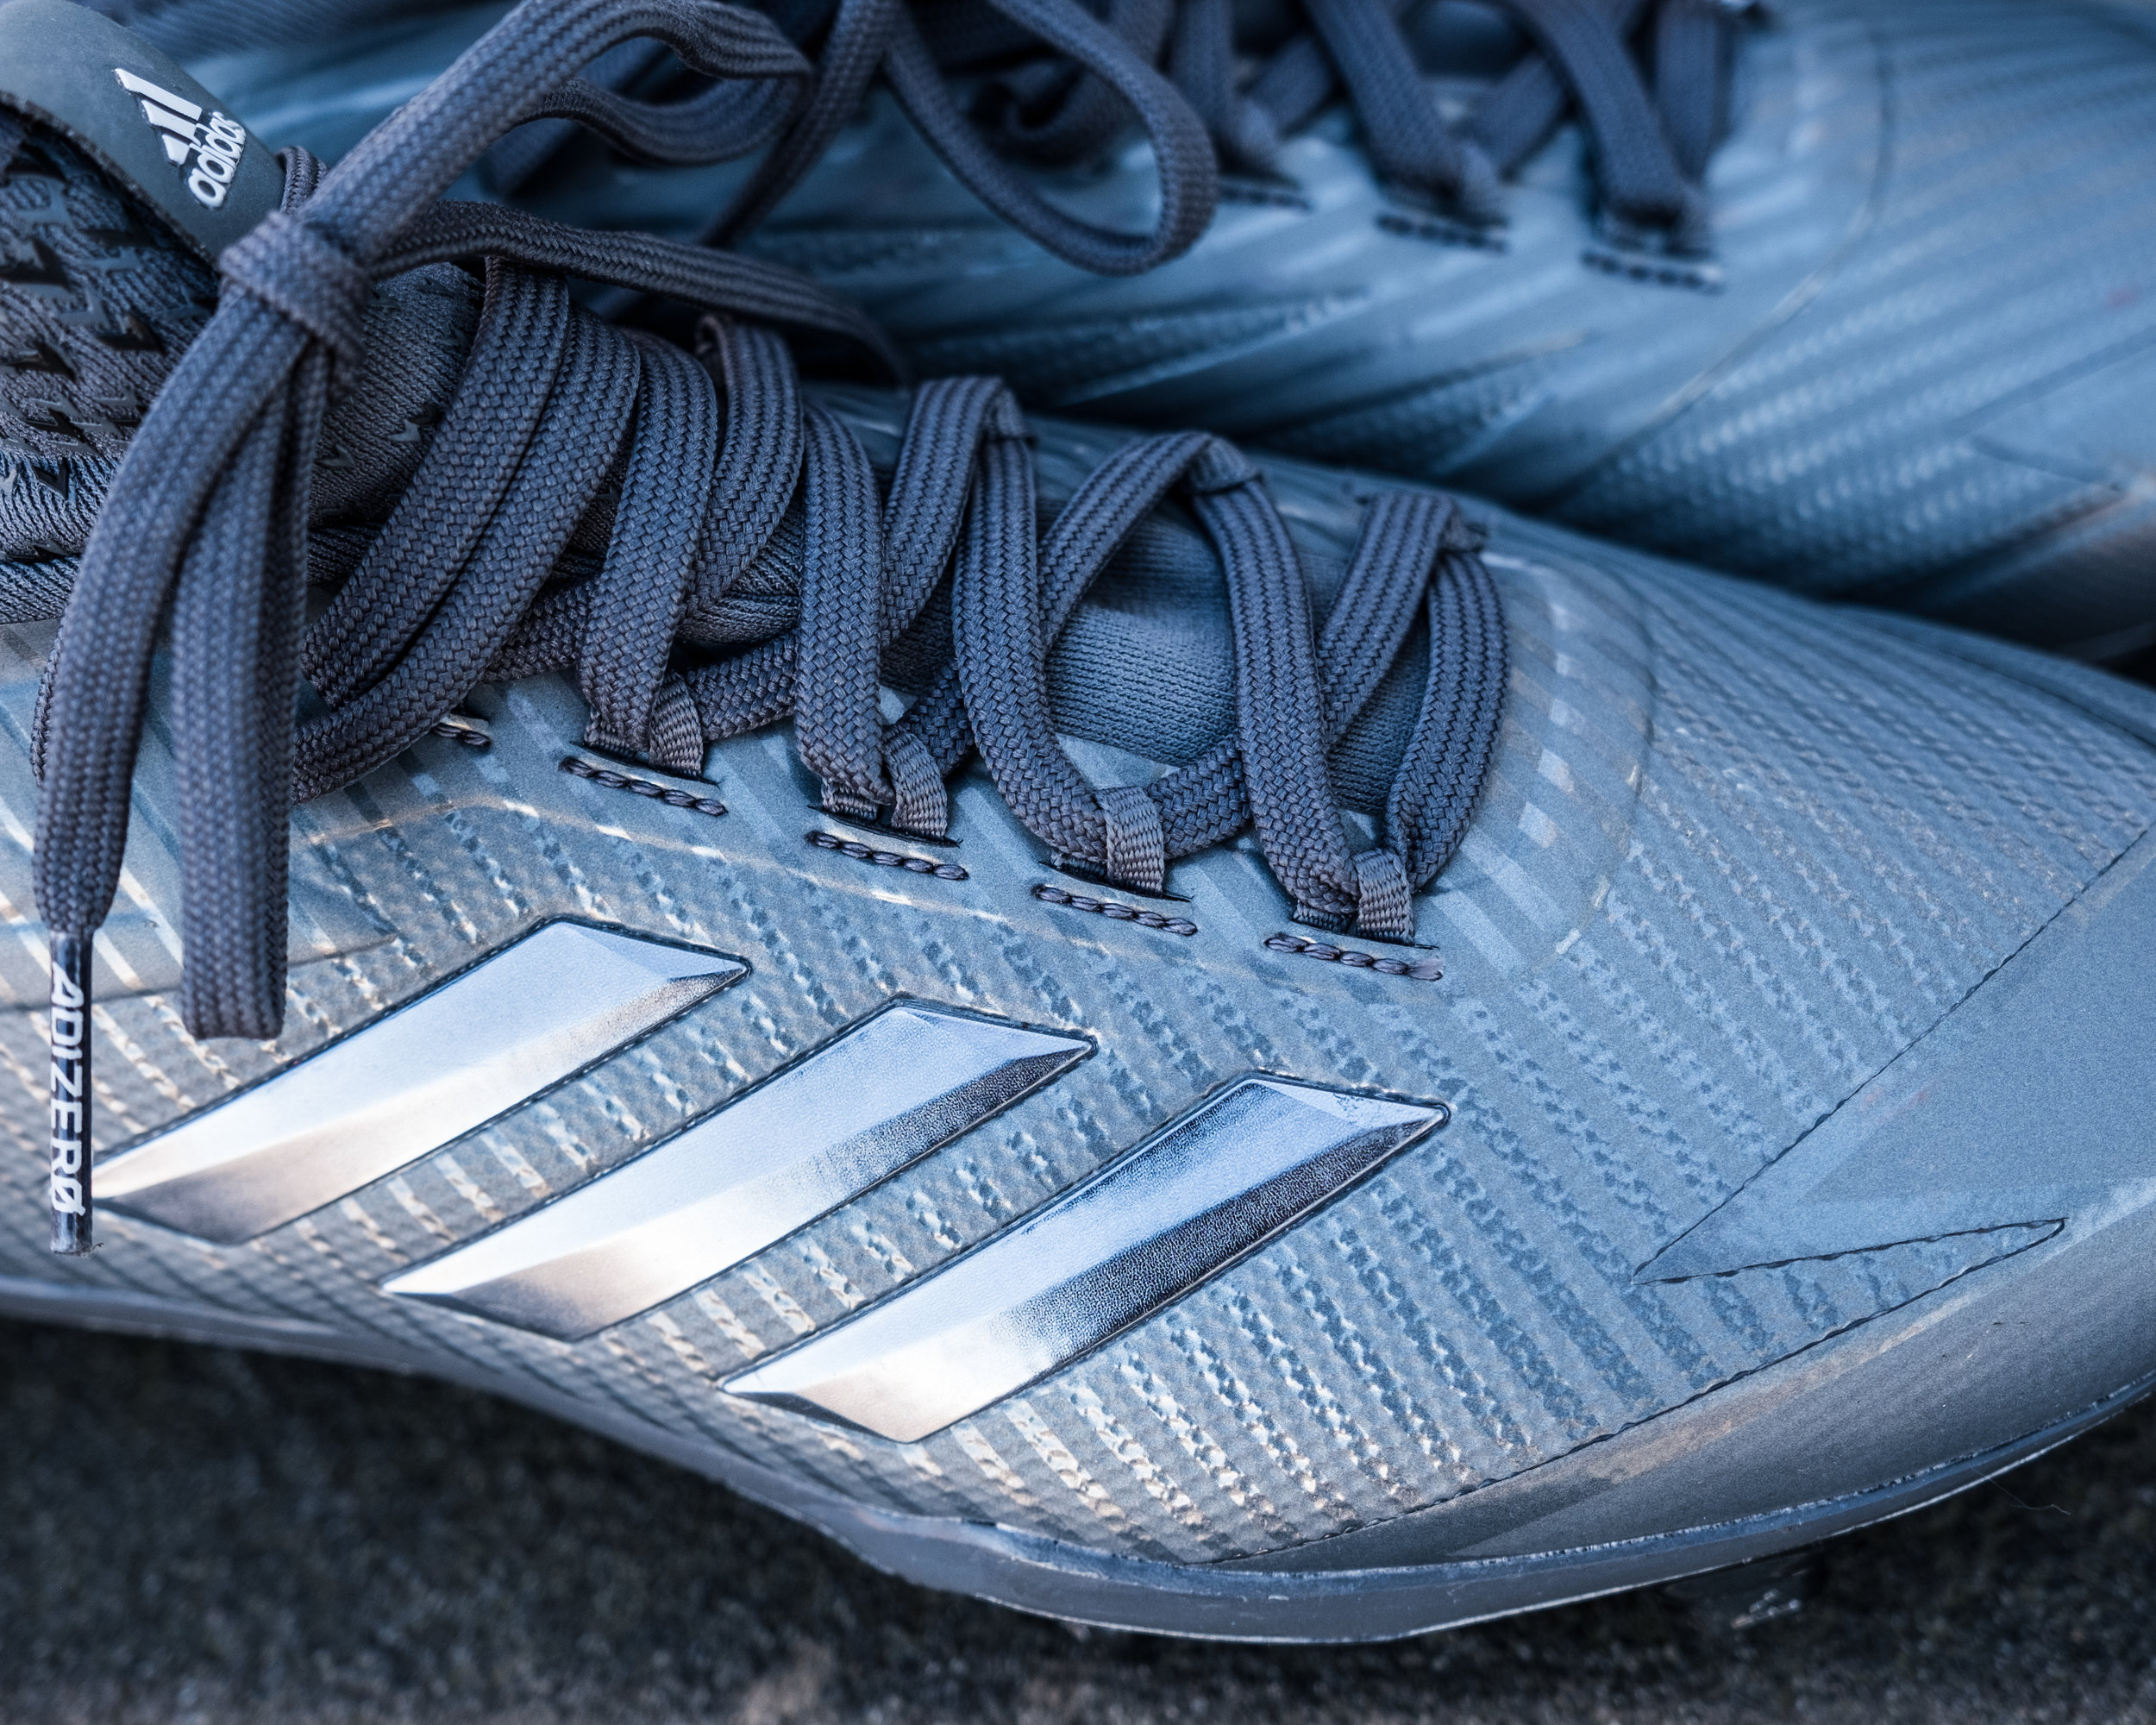 Adidas0005-2.jpg